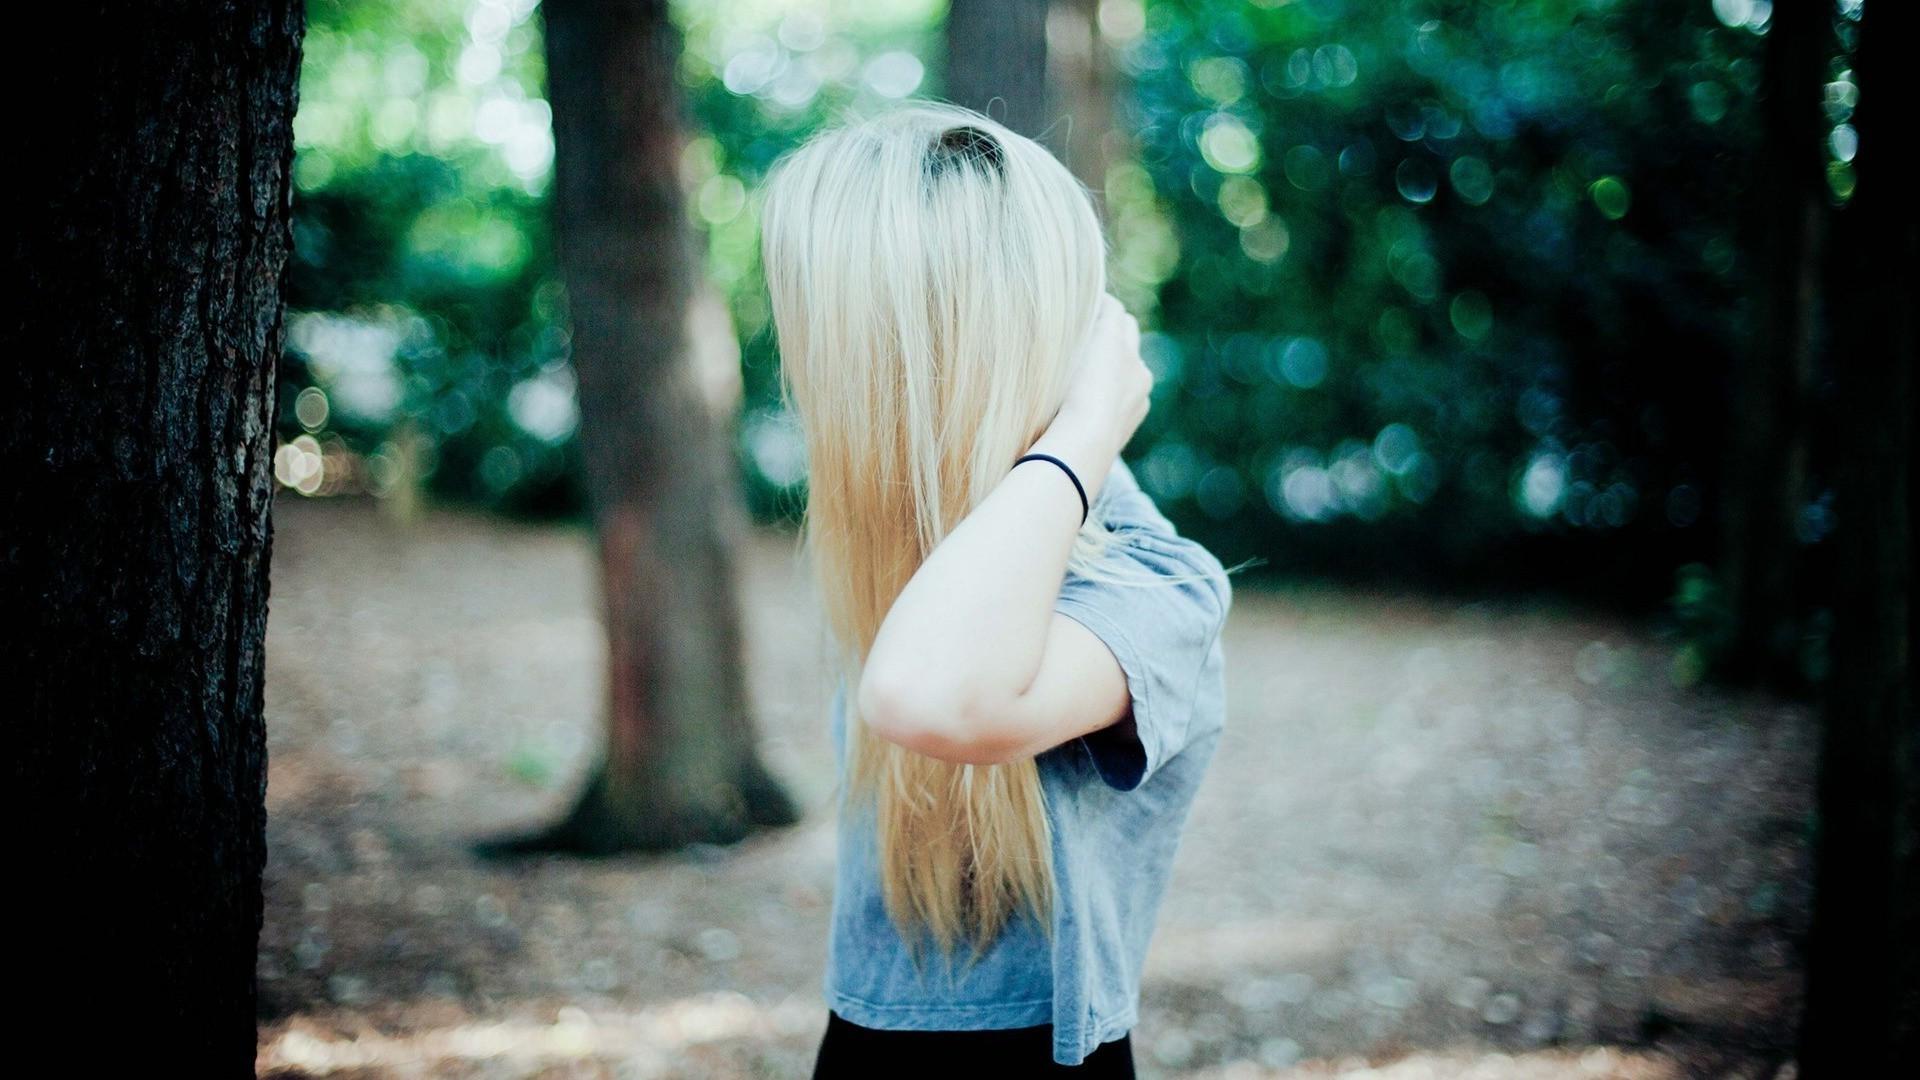 Картинка блондинки без лица, одноклассниках открытками